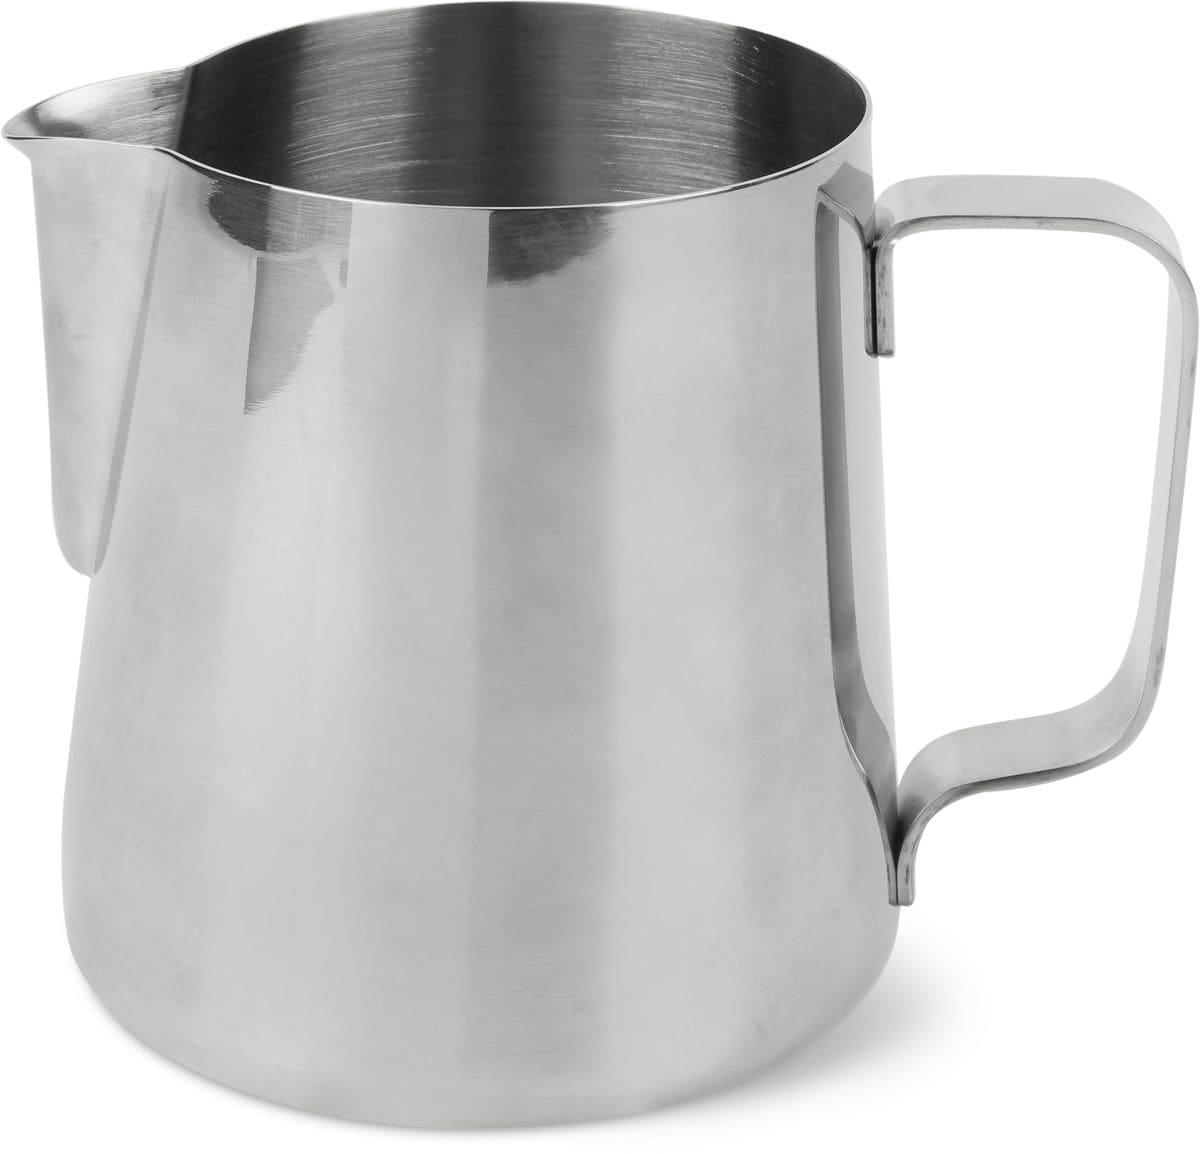 Cucina & Tavola Pot émulsionneur lait 550ml